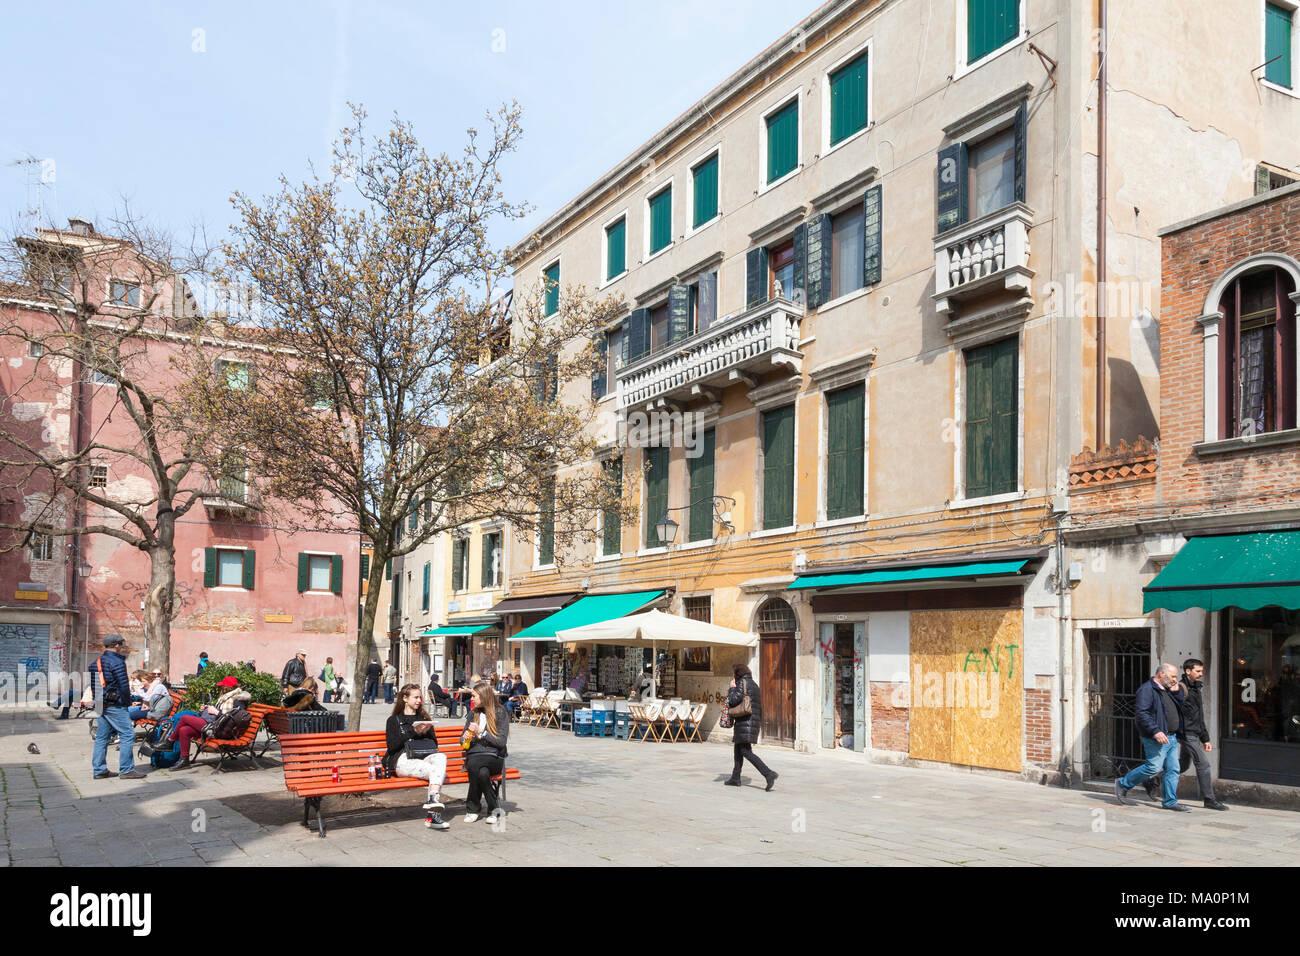 Campo Santa Maria Nova, Cannaregio, Venise, Vénétie, Italie avec les Vénitiens et les touristes assis sur des bancs profitant du soleil d'hiver Photo Stock